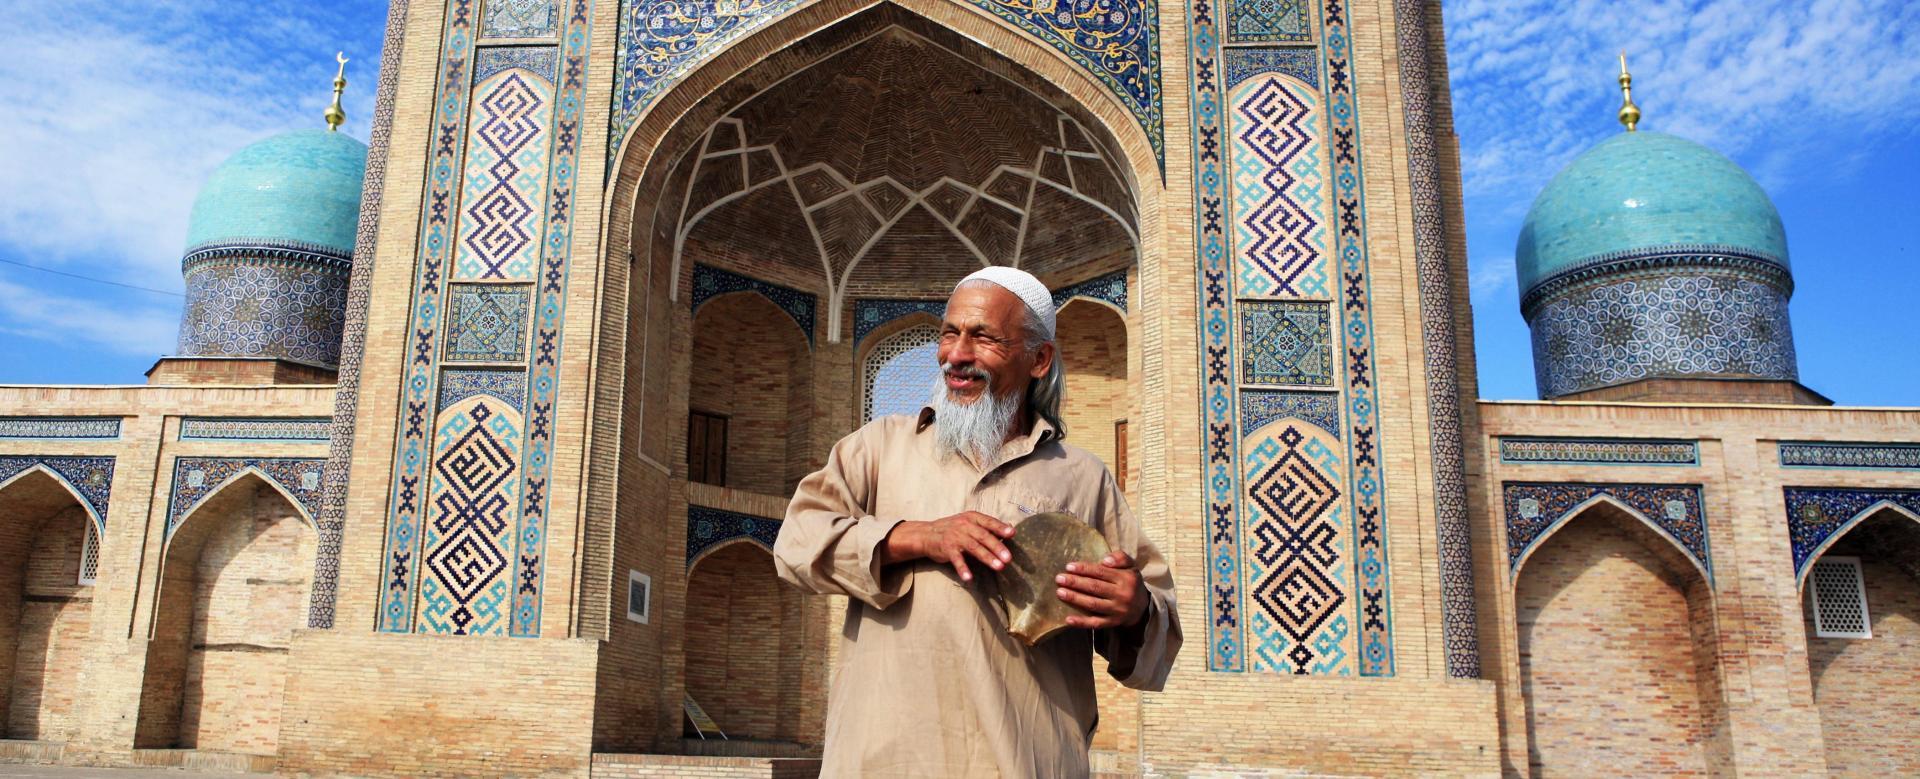 Voyage à pied : Merveilles d'ouzbékistan